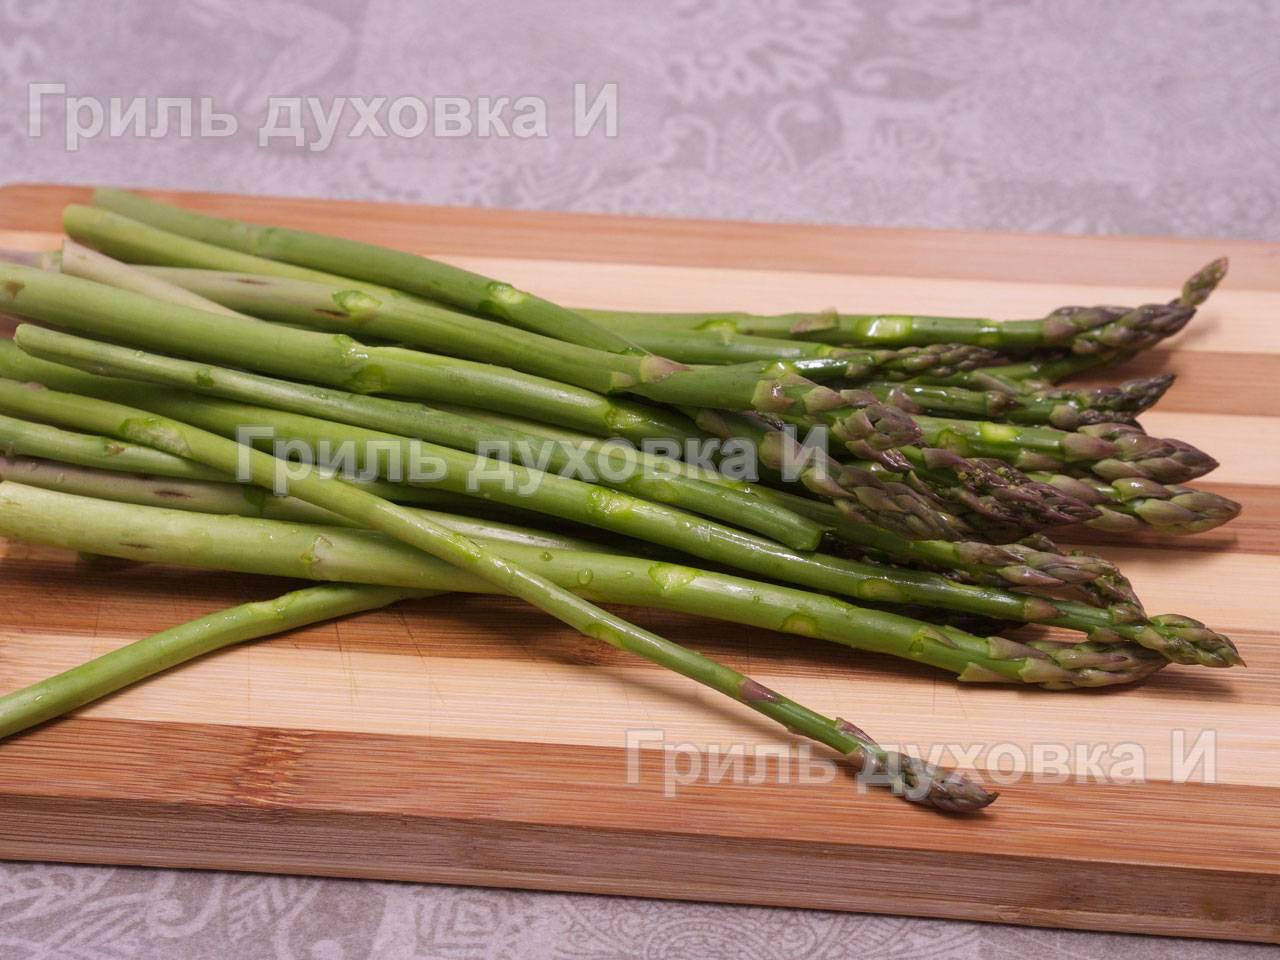 Как идеально приготовить спаржу: 5 крутых рецептов - статьи на повар.ру